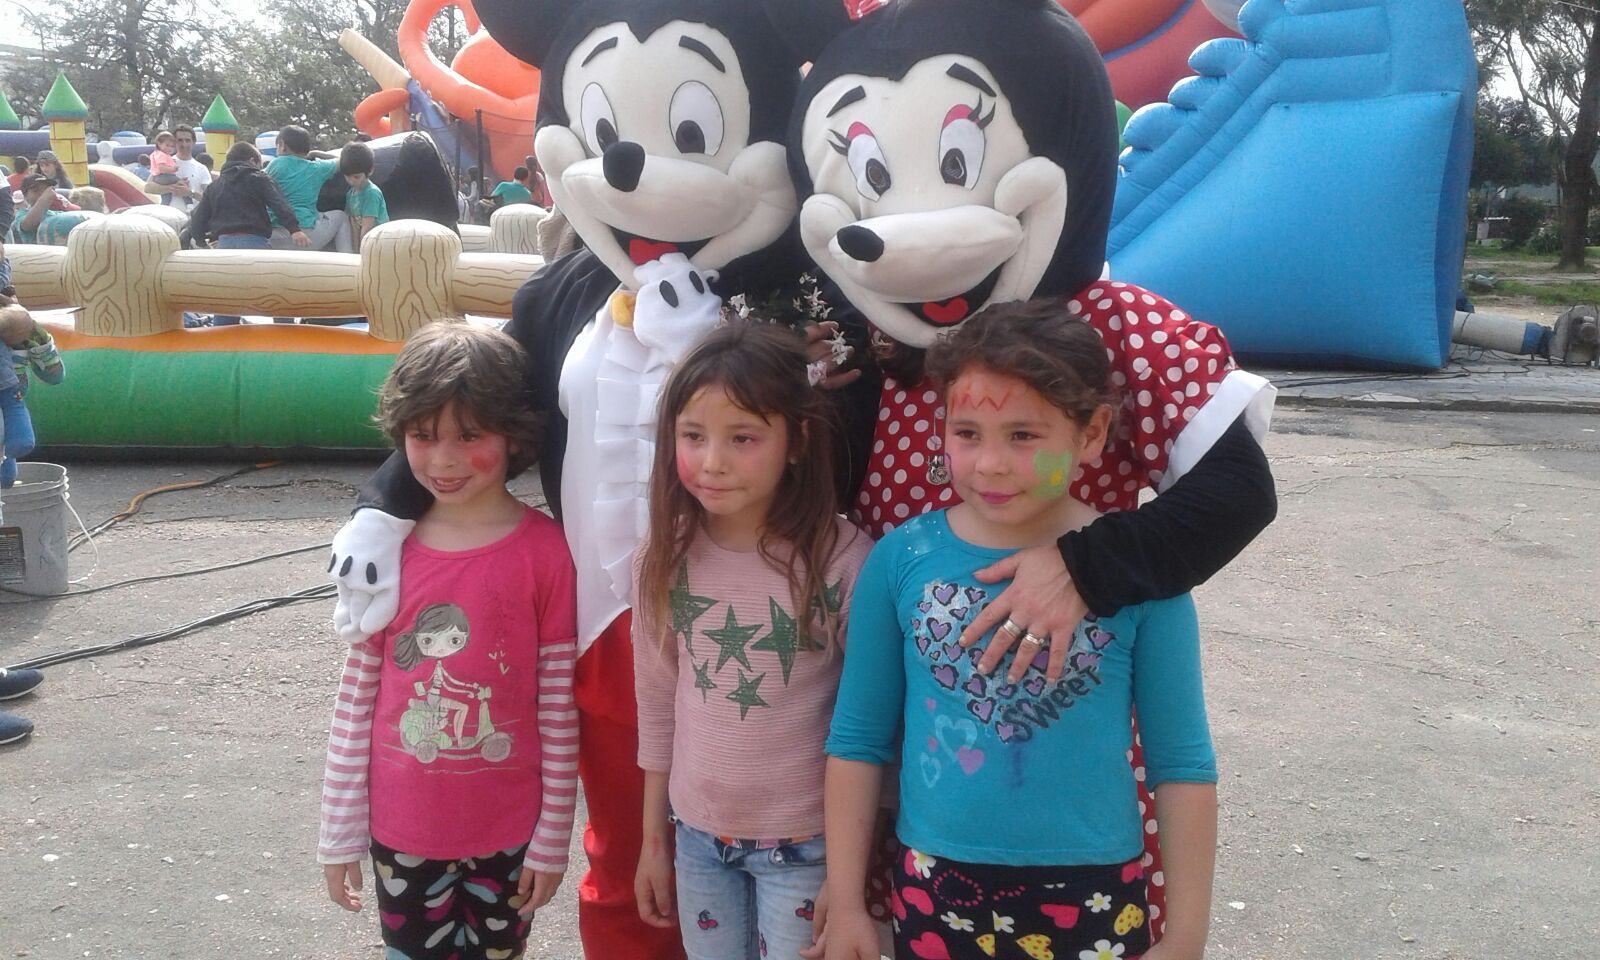 nos visitaron el Ratón Mickey y Minnie